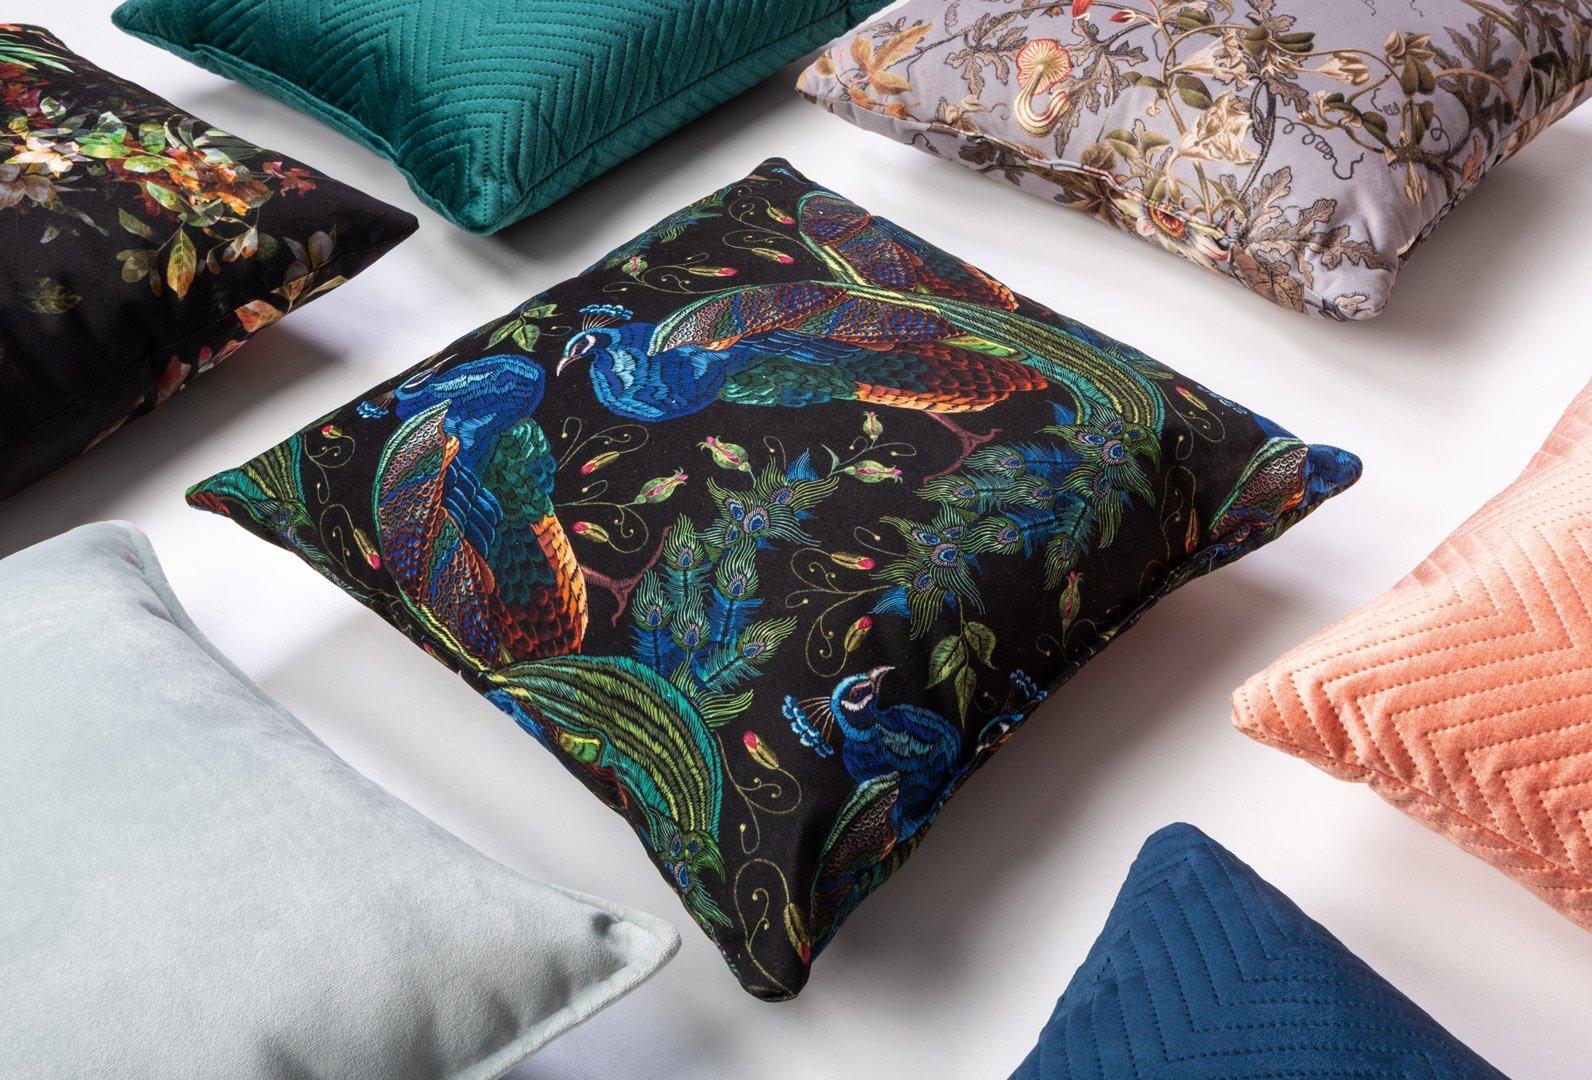 poduszki dekoracyjne Peacock